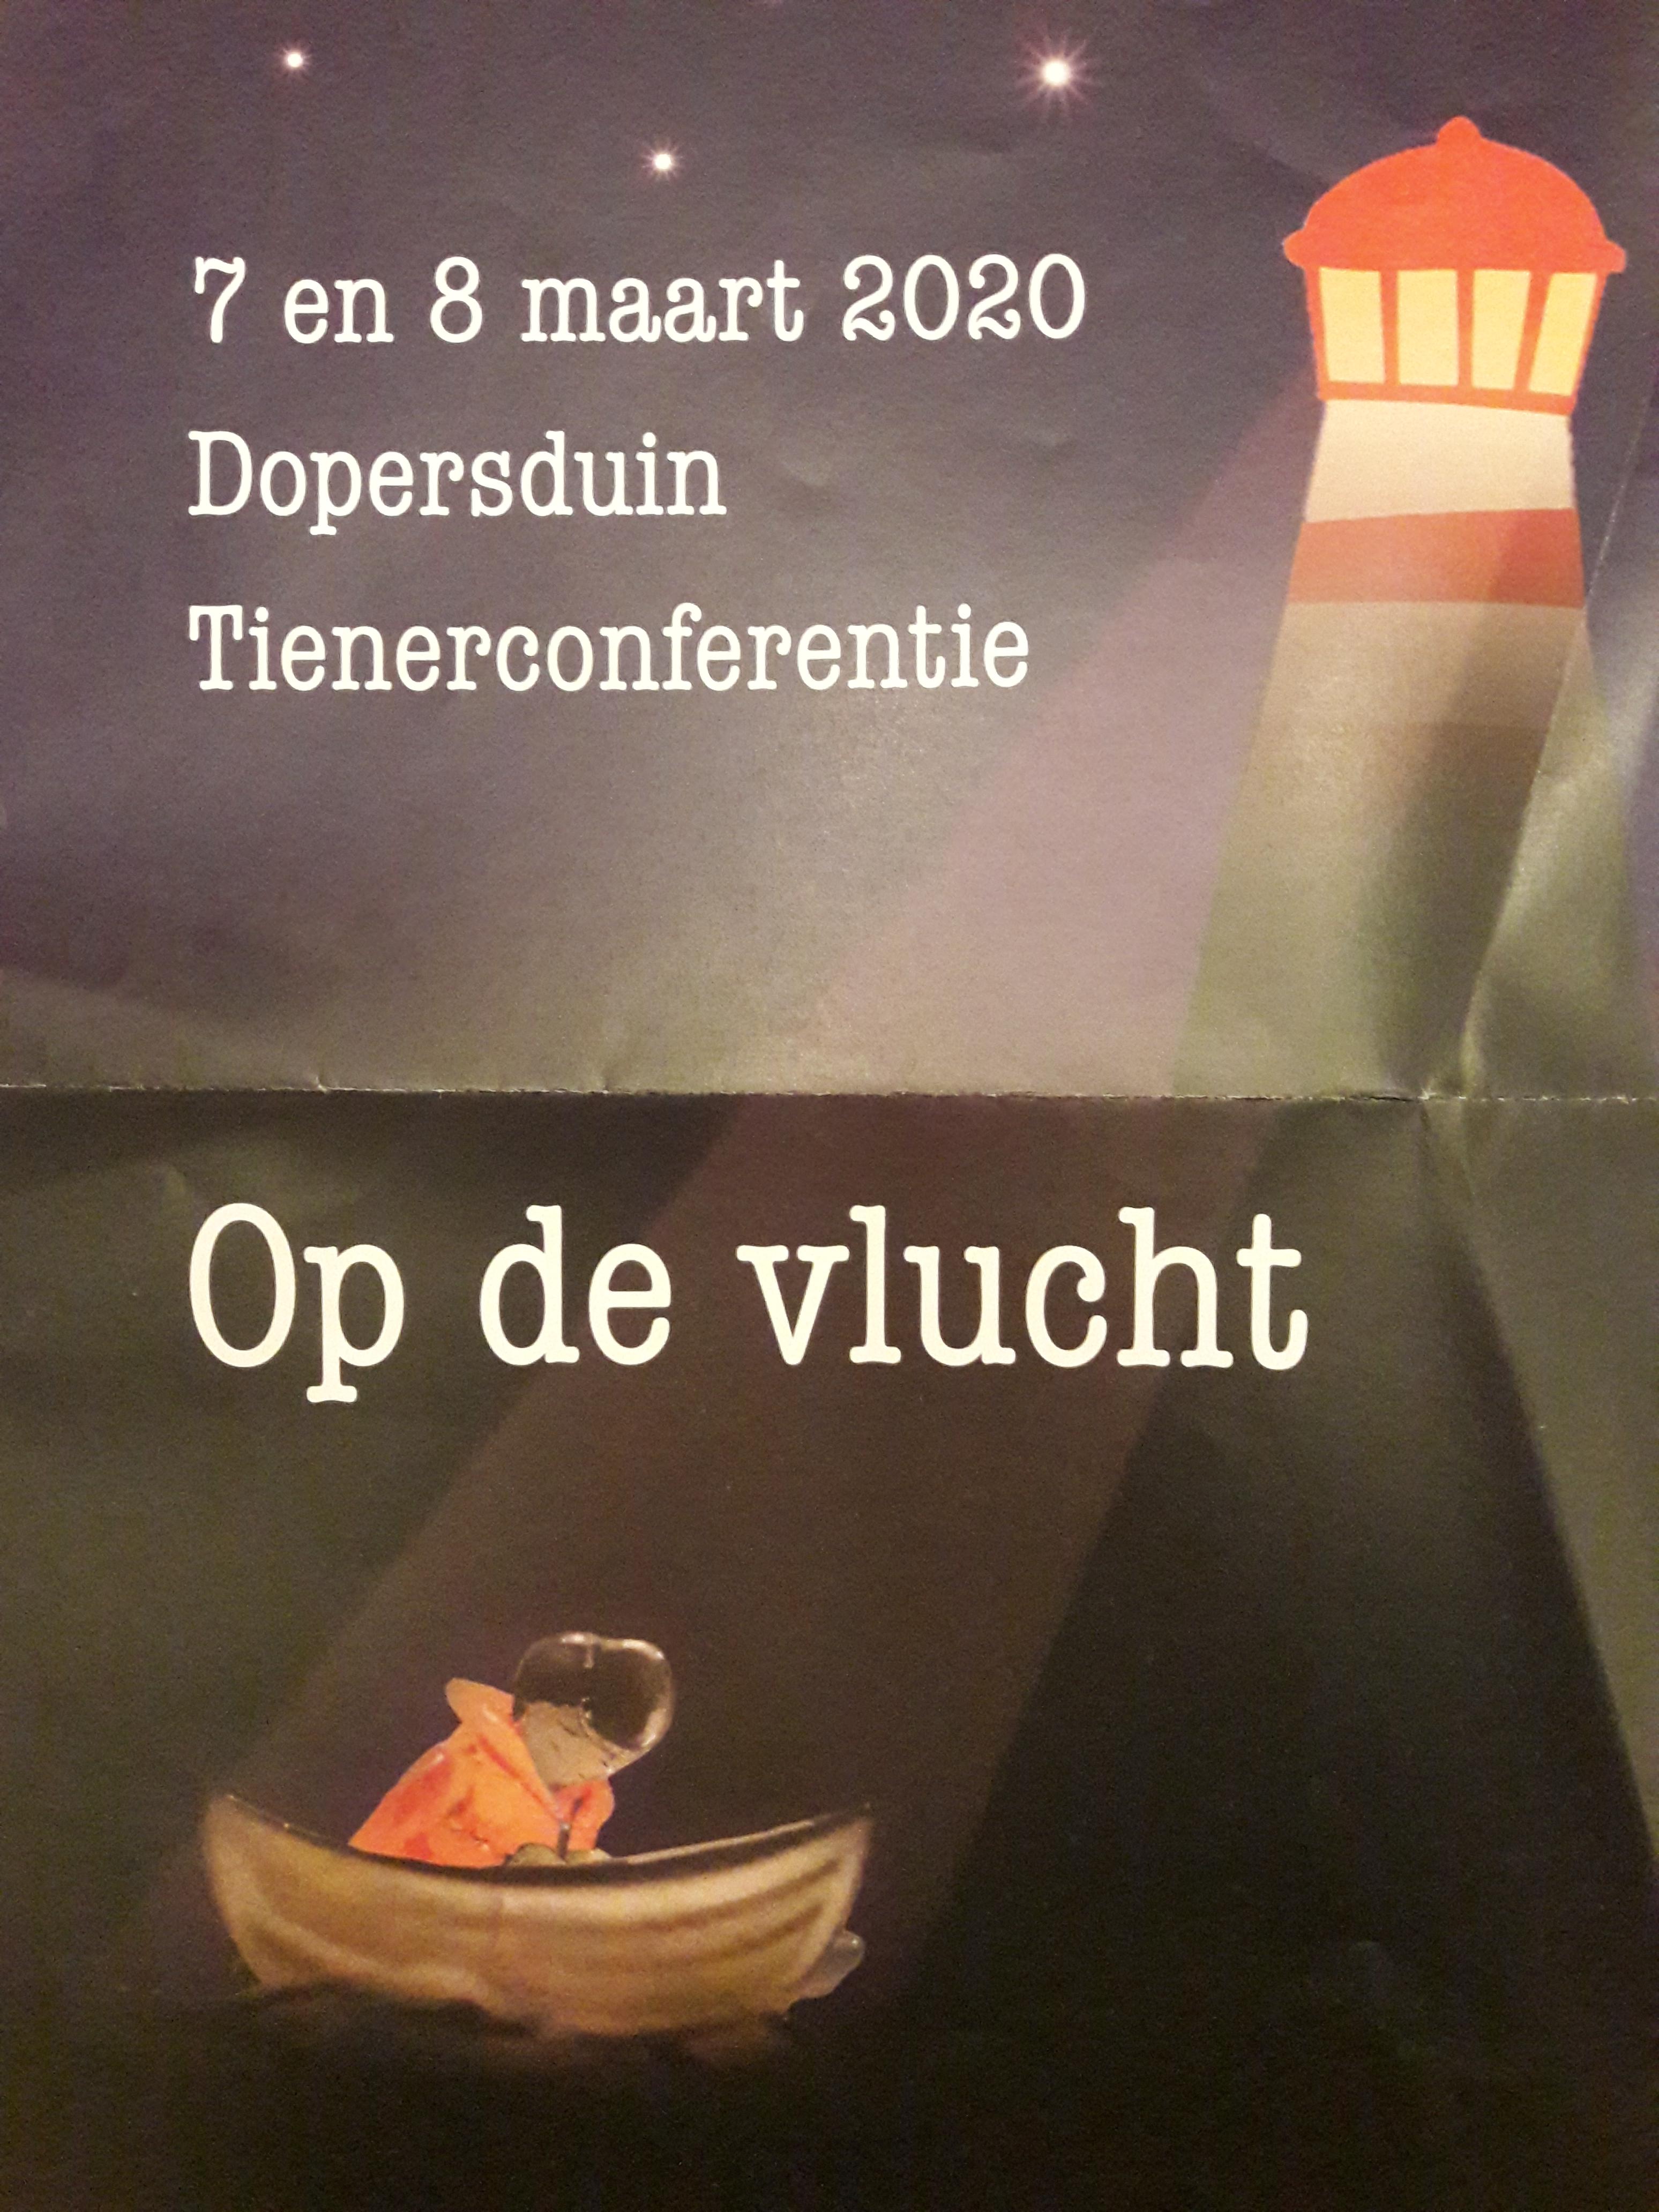 Tienerconferentie 7 en 8 maart 2020